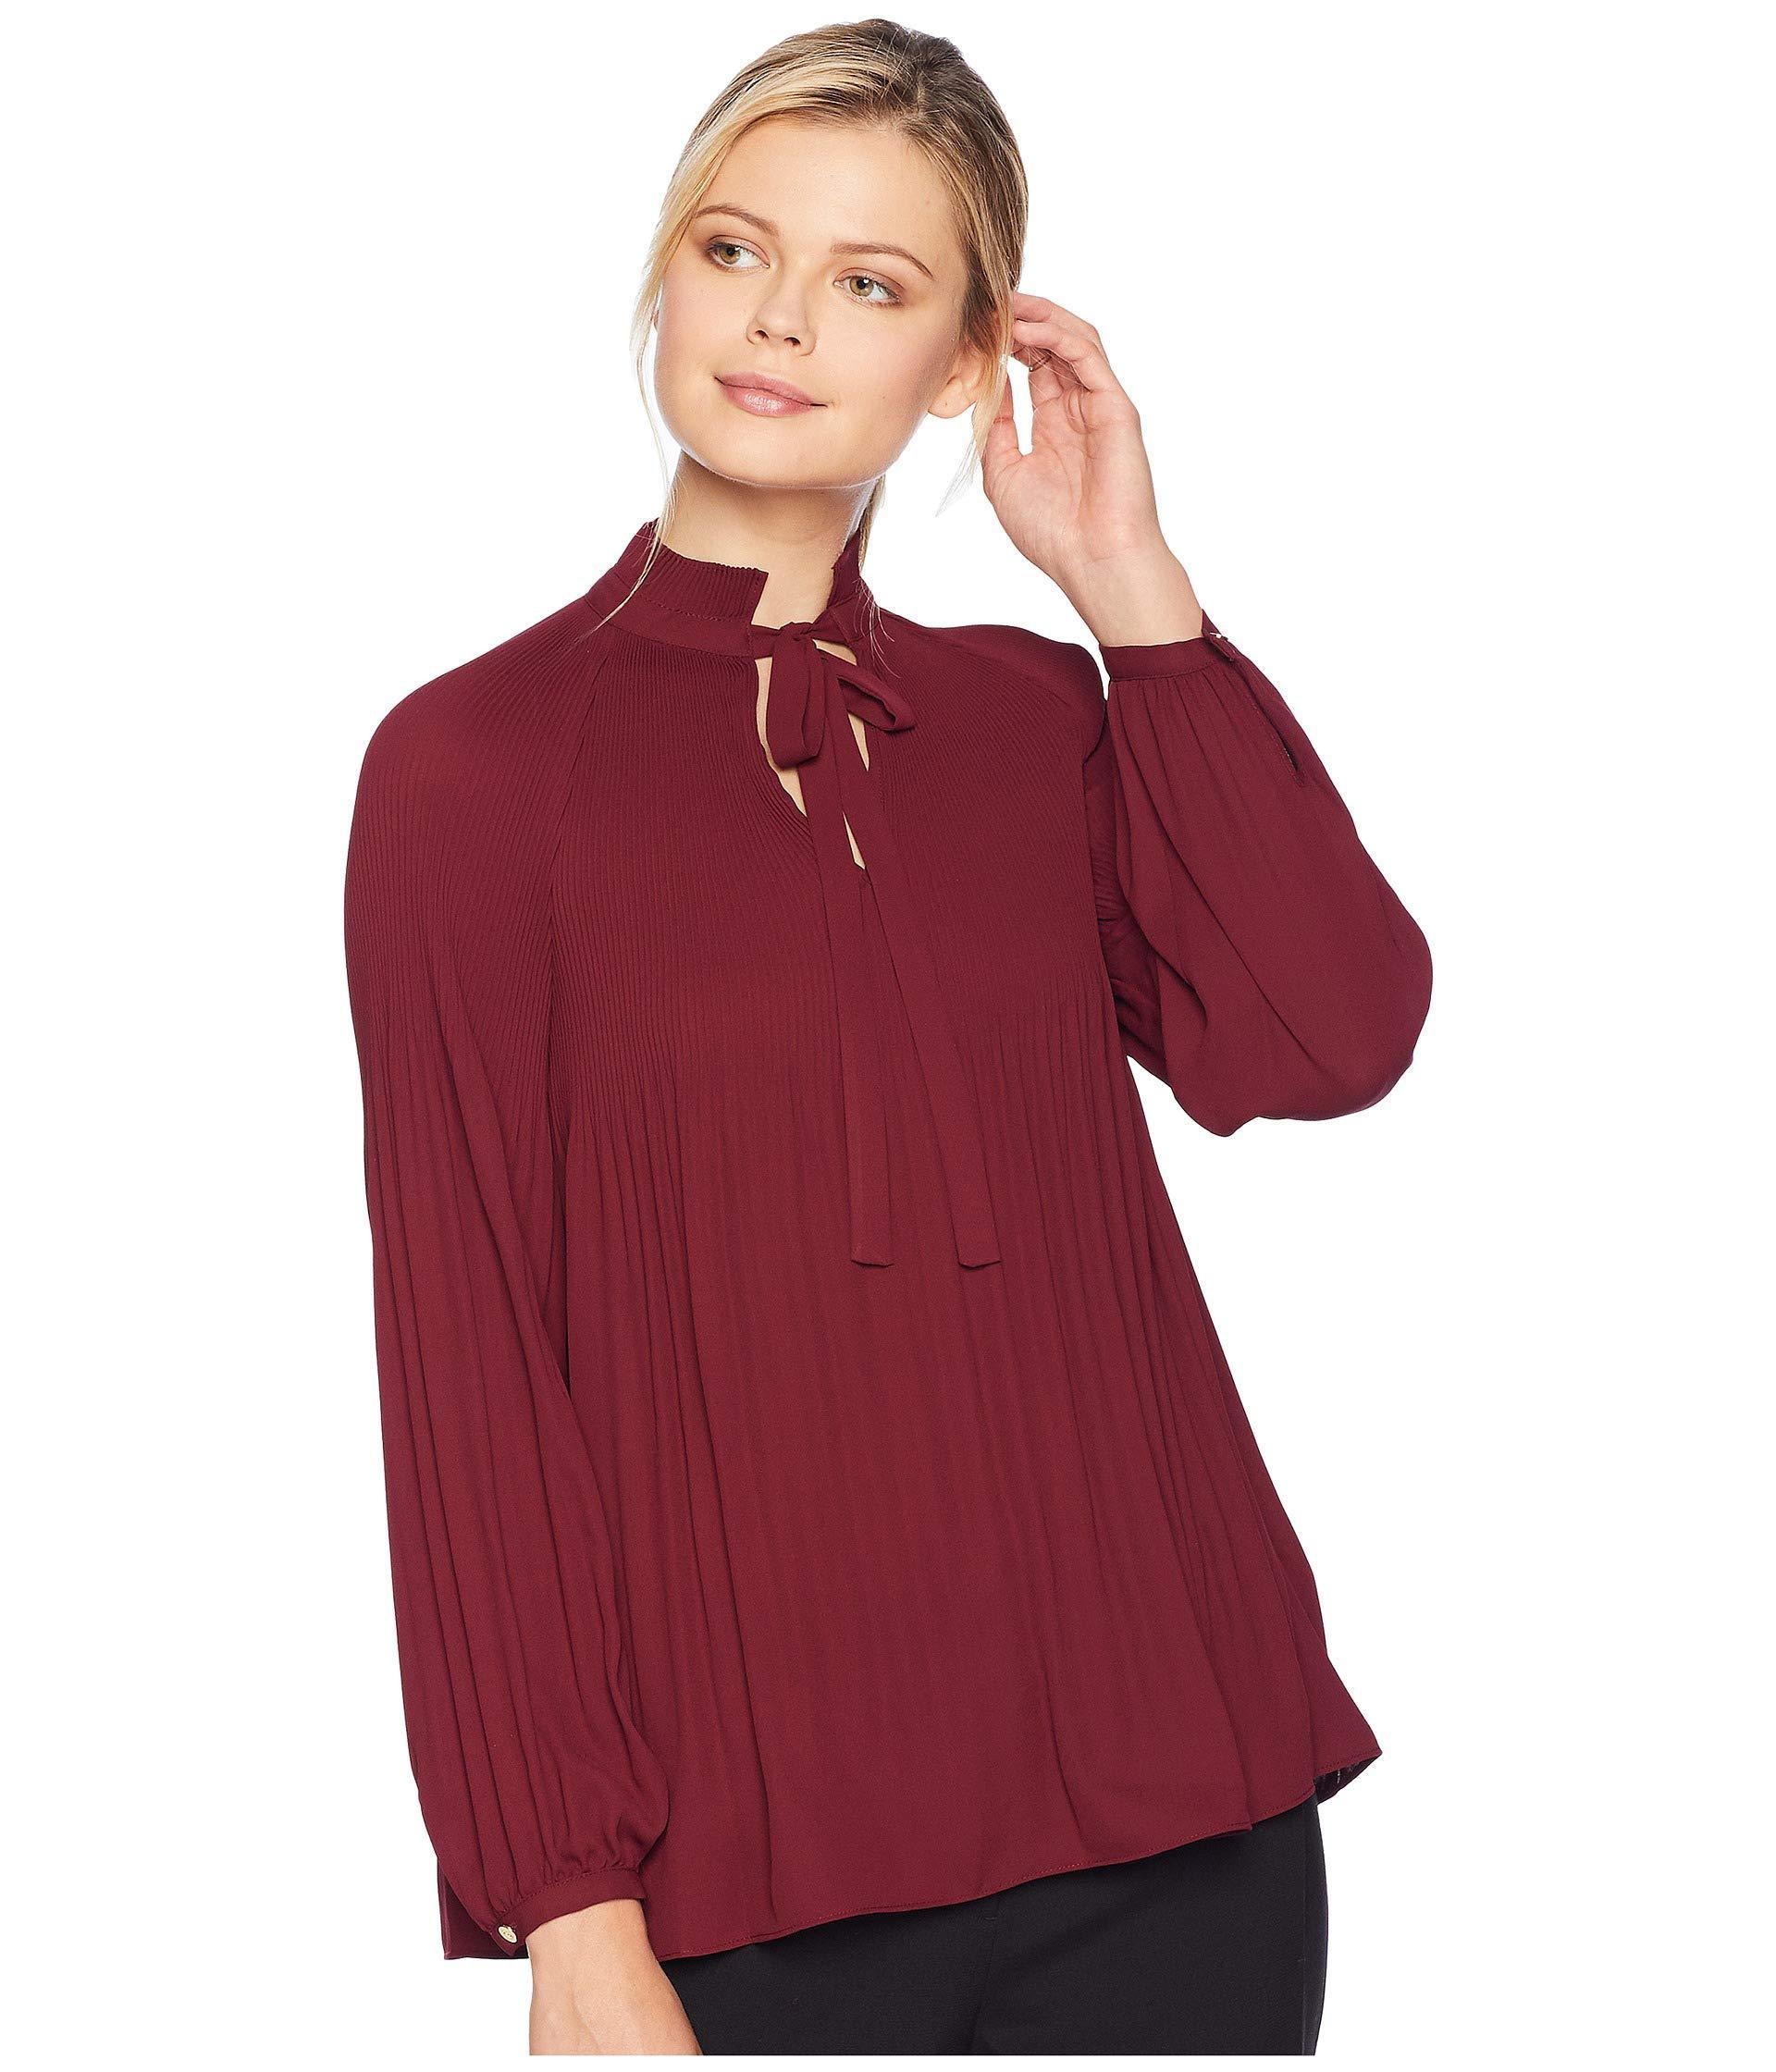 efd562d197264 Lyst - Lauren by Ralph Lauren Georgette Tie Neck Top in Red - Save 55%